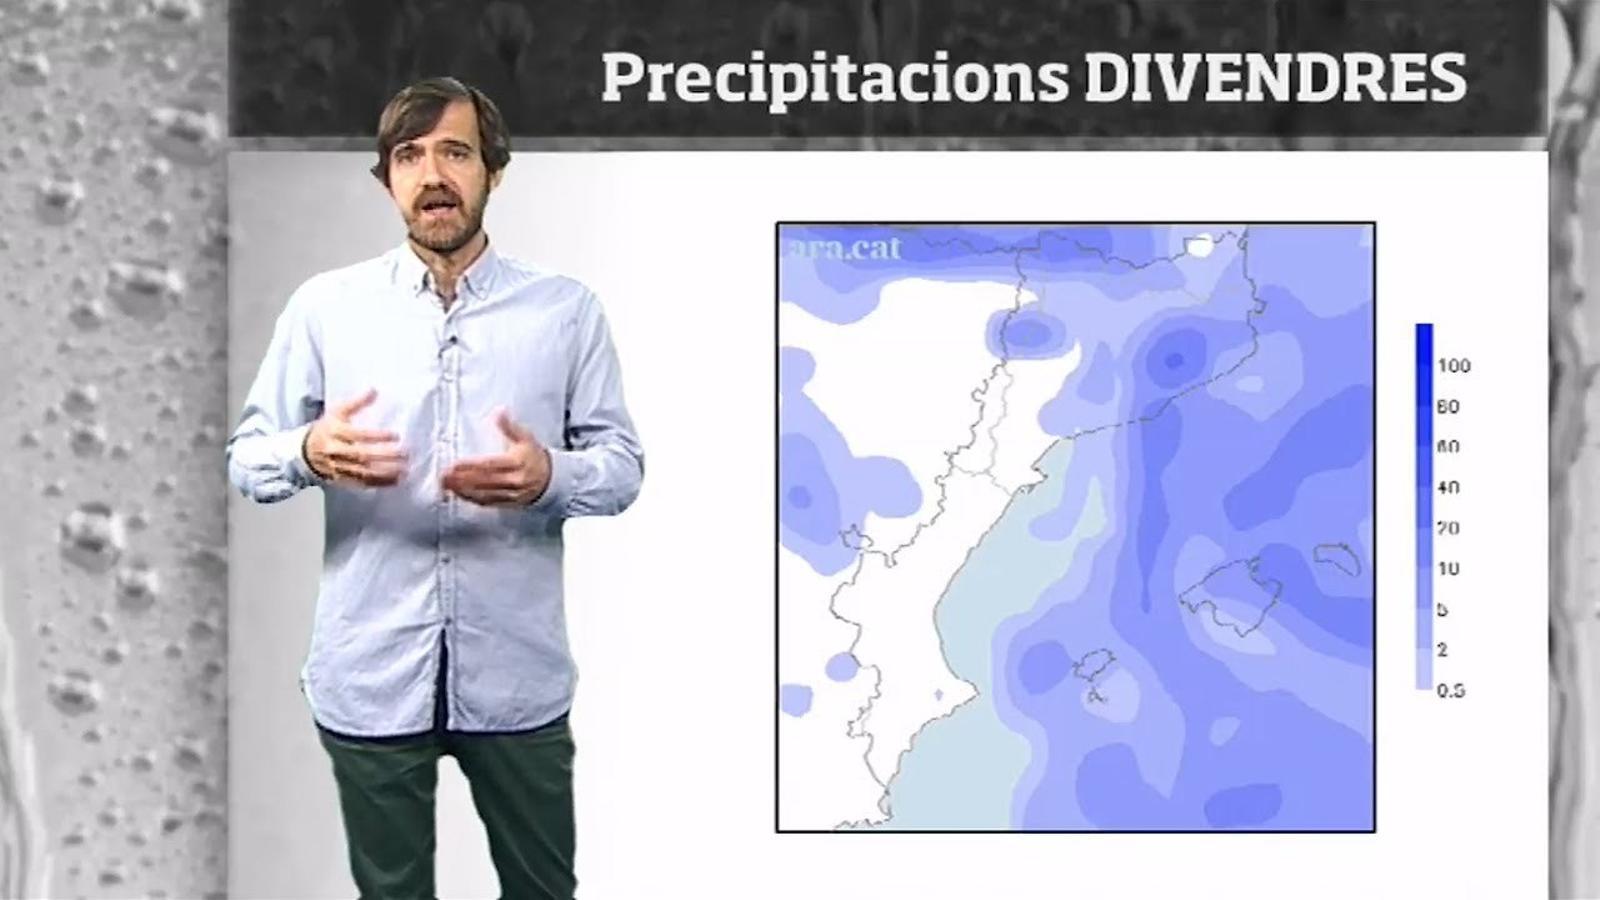 La méteo en 1 minut: tongada de pluges i nevades entre dijous i divendres